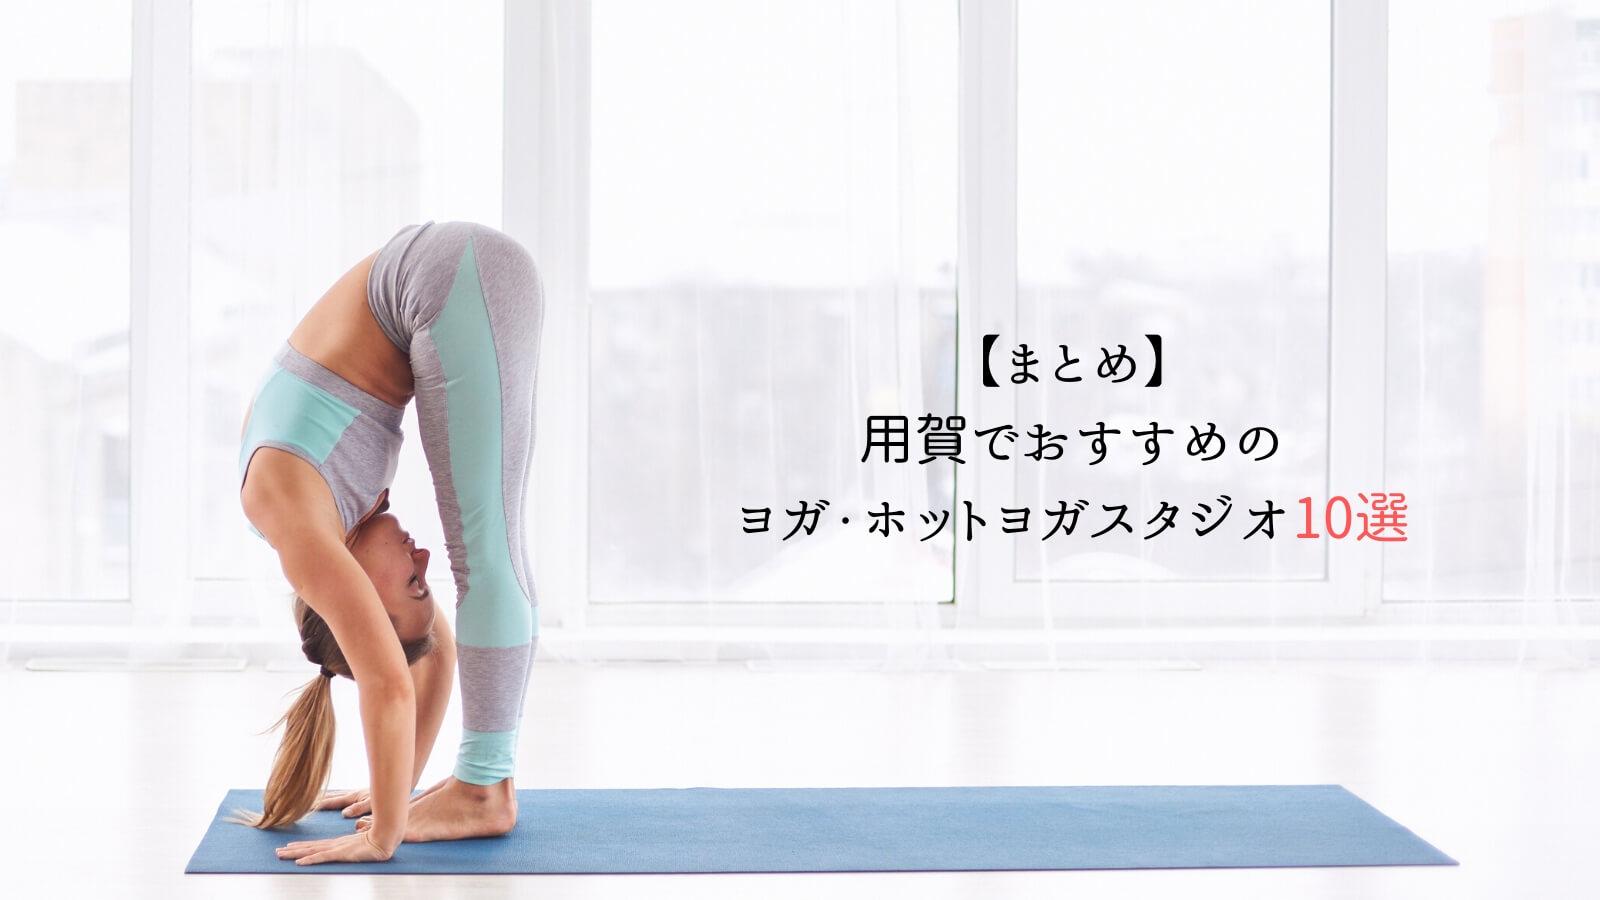 【まとめ】用賀でおすすめのヨガ・ホットヨガスタジオ10選